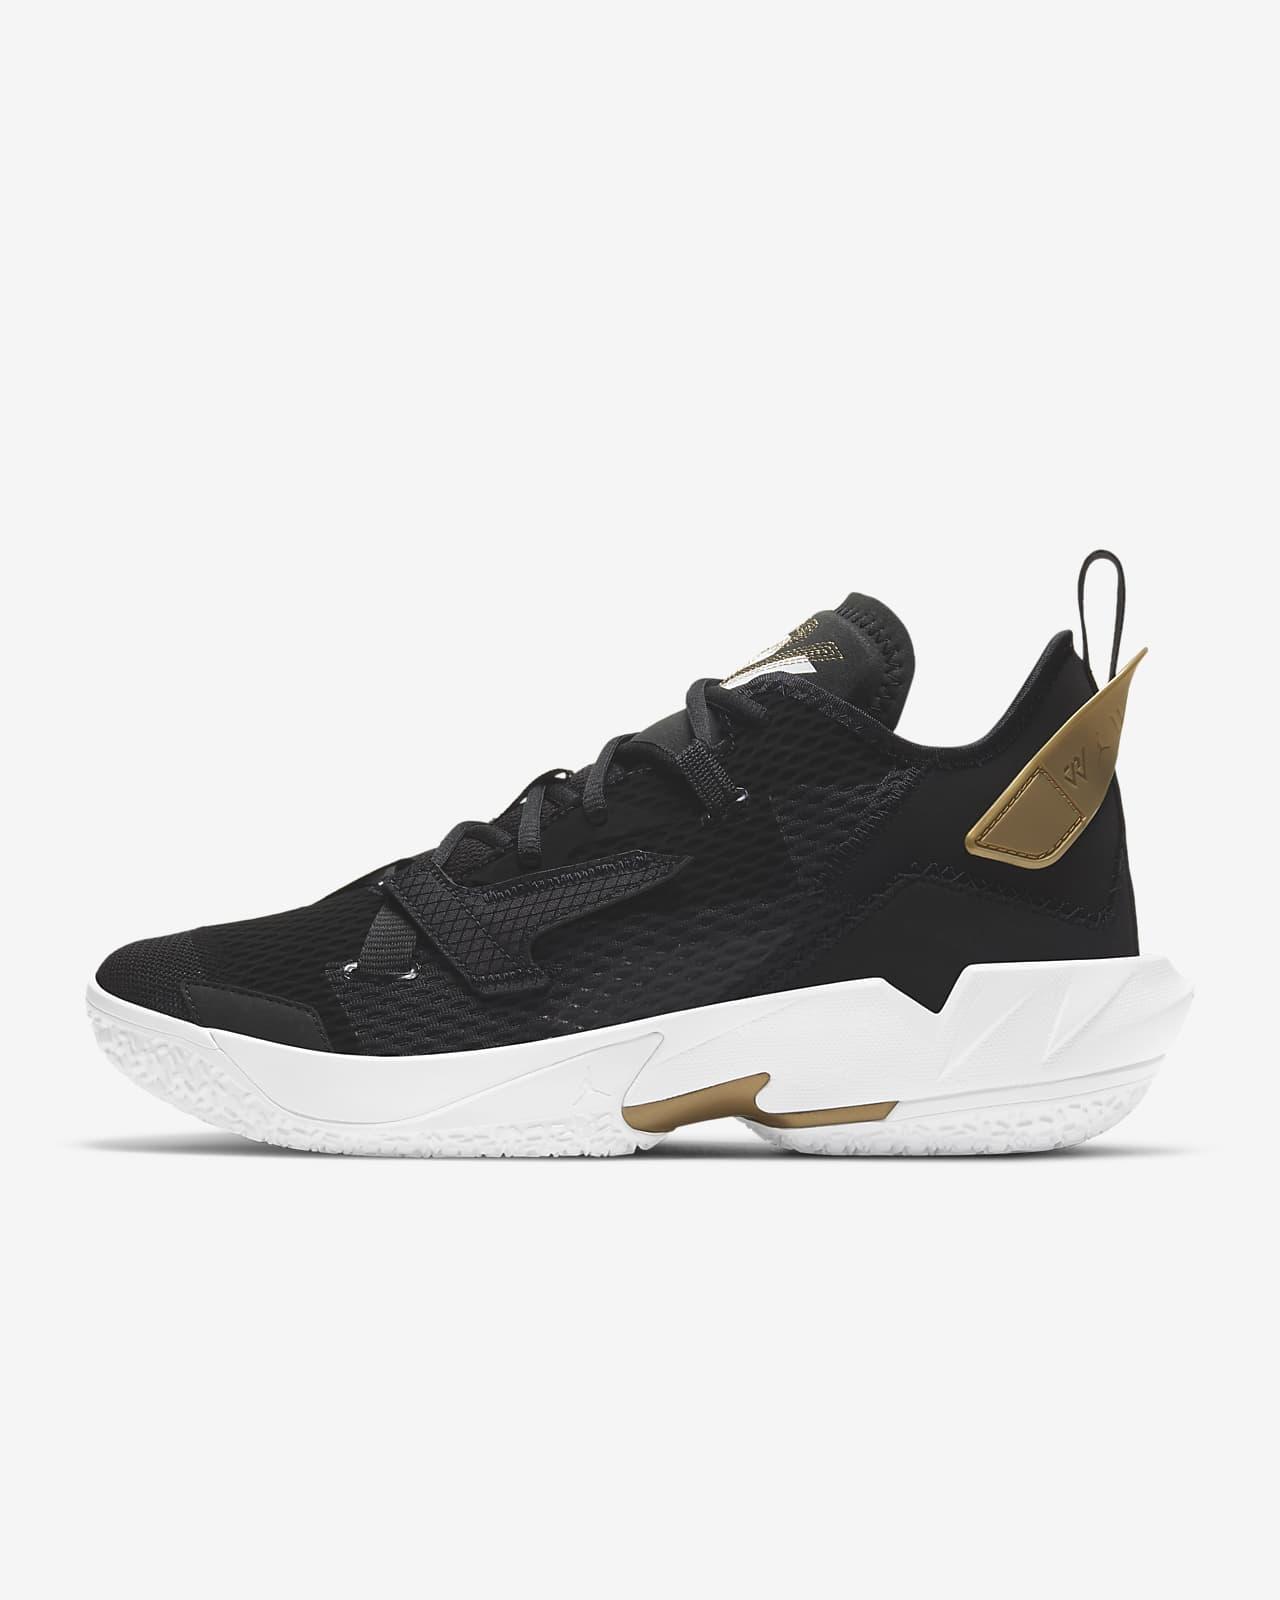 """Παπούτσια μπάσκετ Jordan """"Why Not?""""Zer0.4 """"Family"""""""